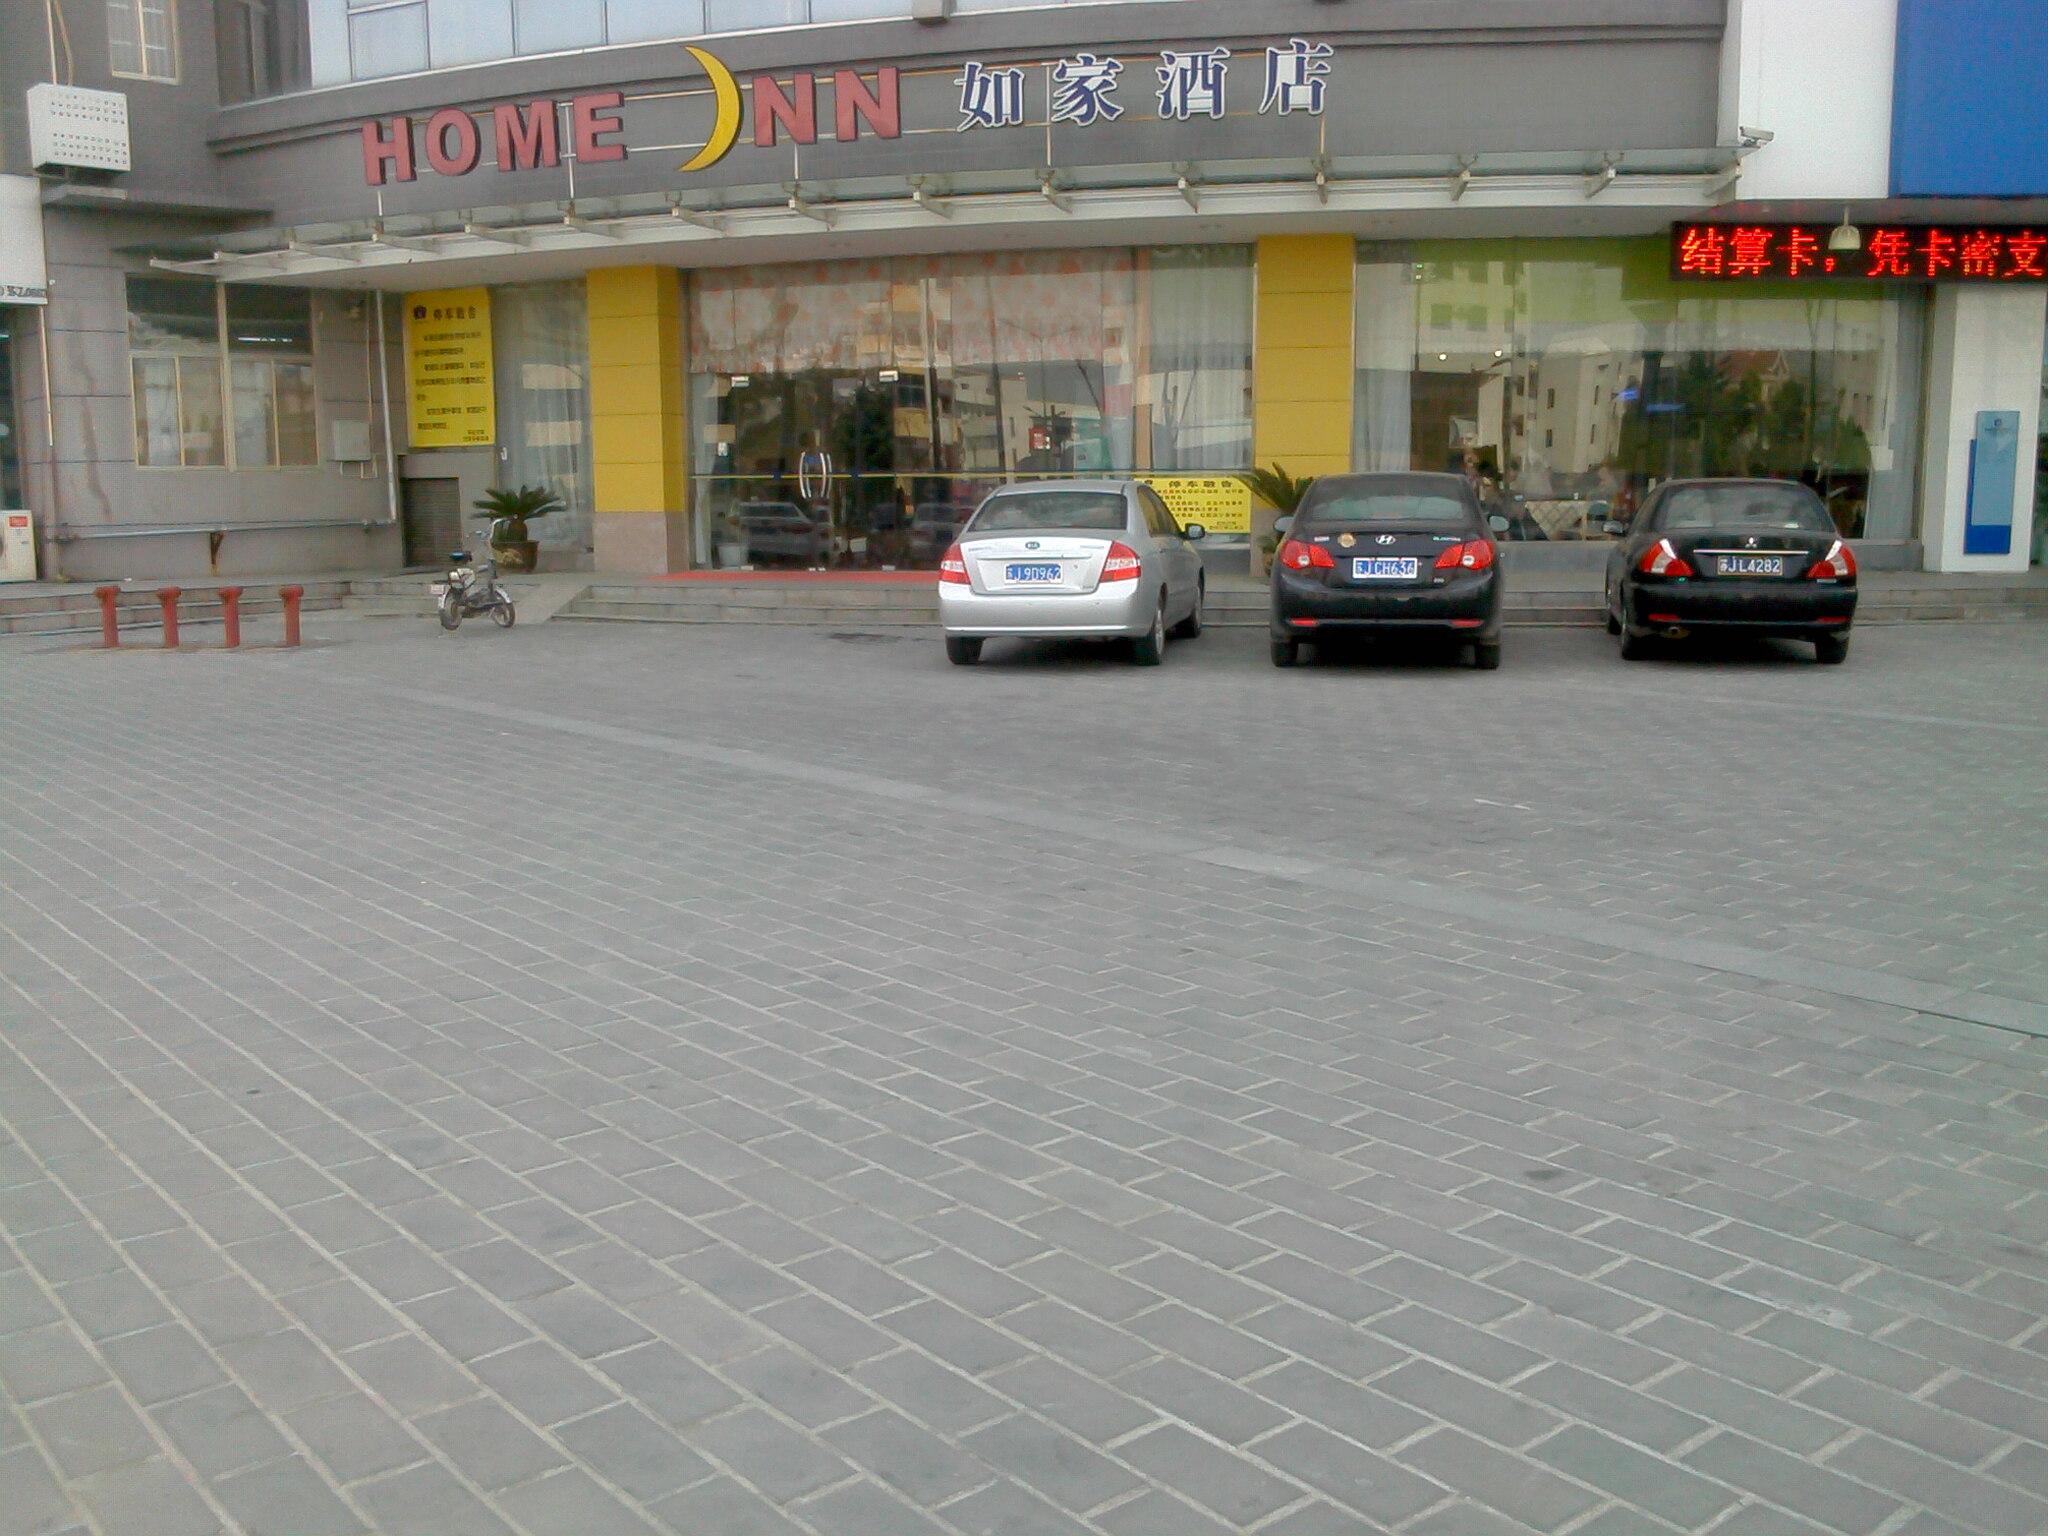 【厂家】荷兰砖-面包砖机砖坯边沿有毛边或缺面料情况 荷兰砖施工简便